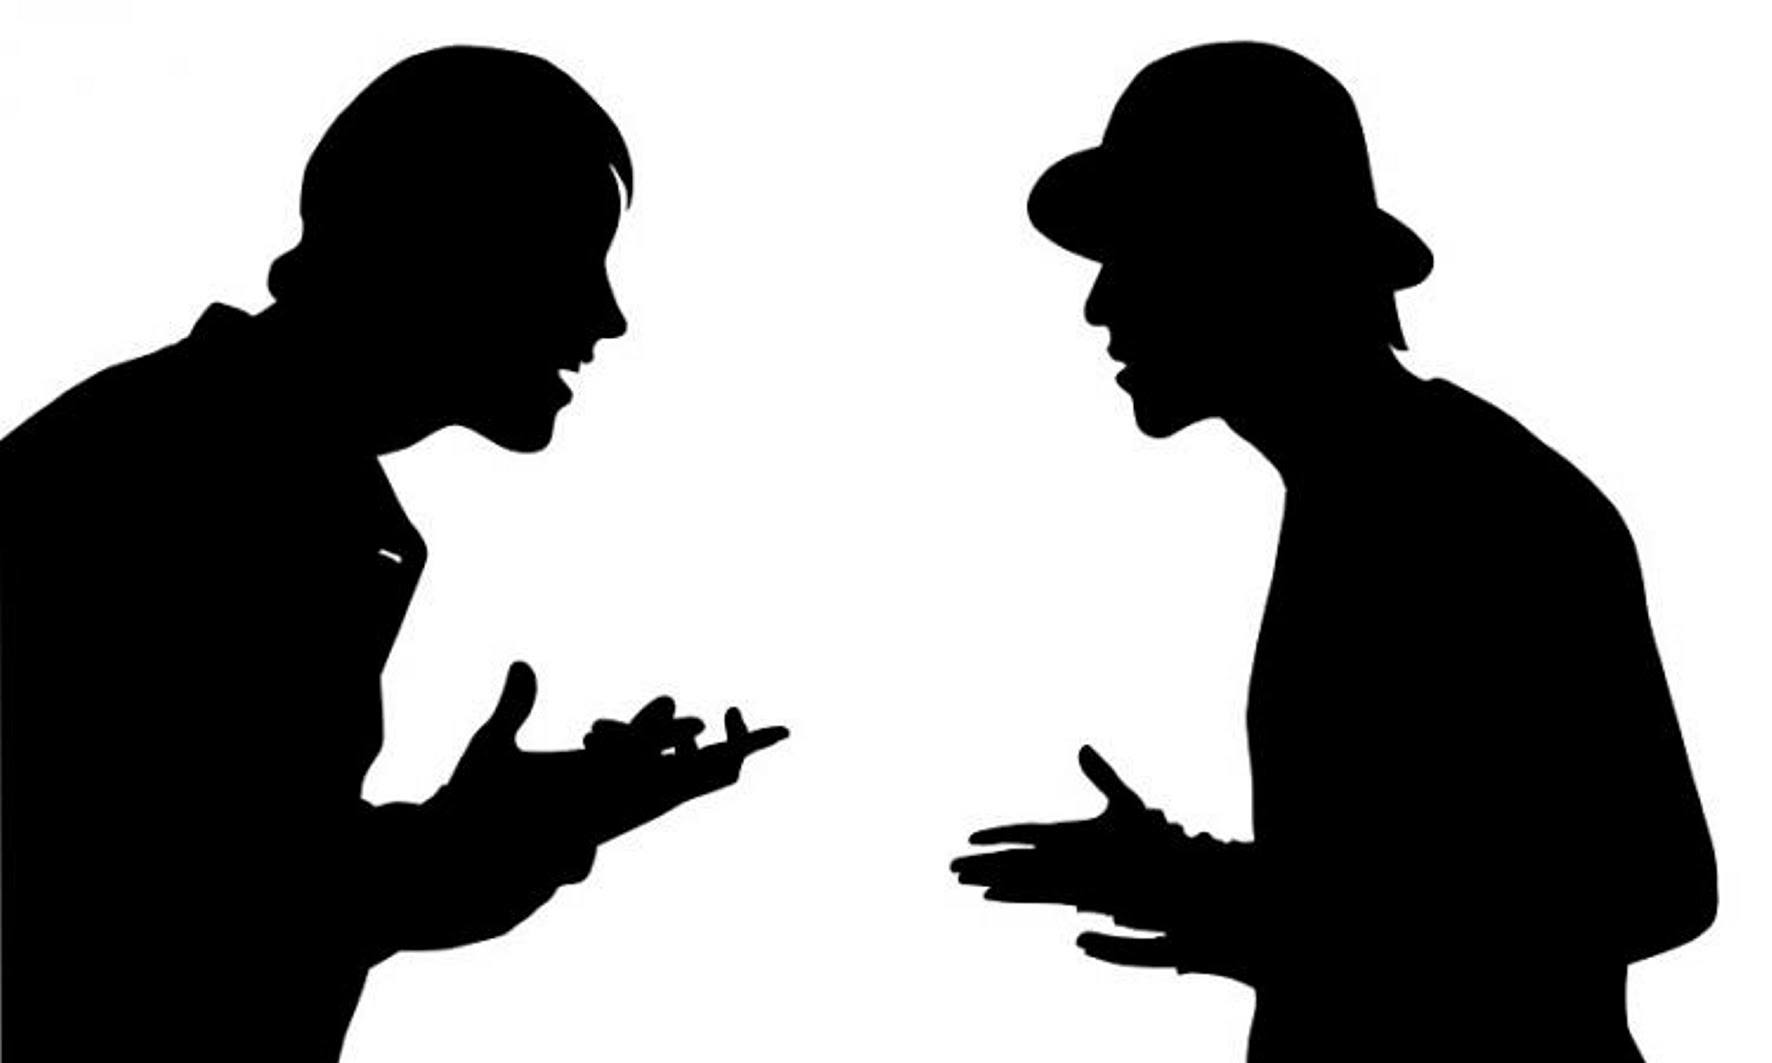 Efeito Dunning-Kruger: achar que sabe mais do que realmente sabe